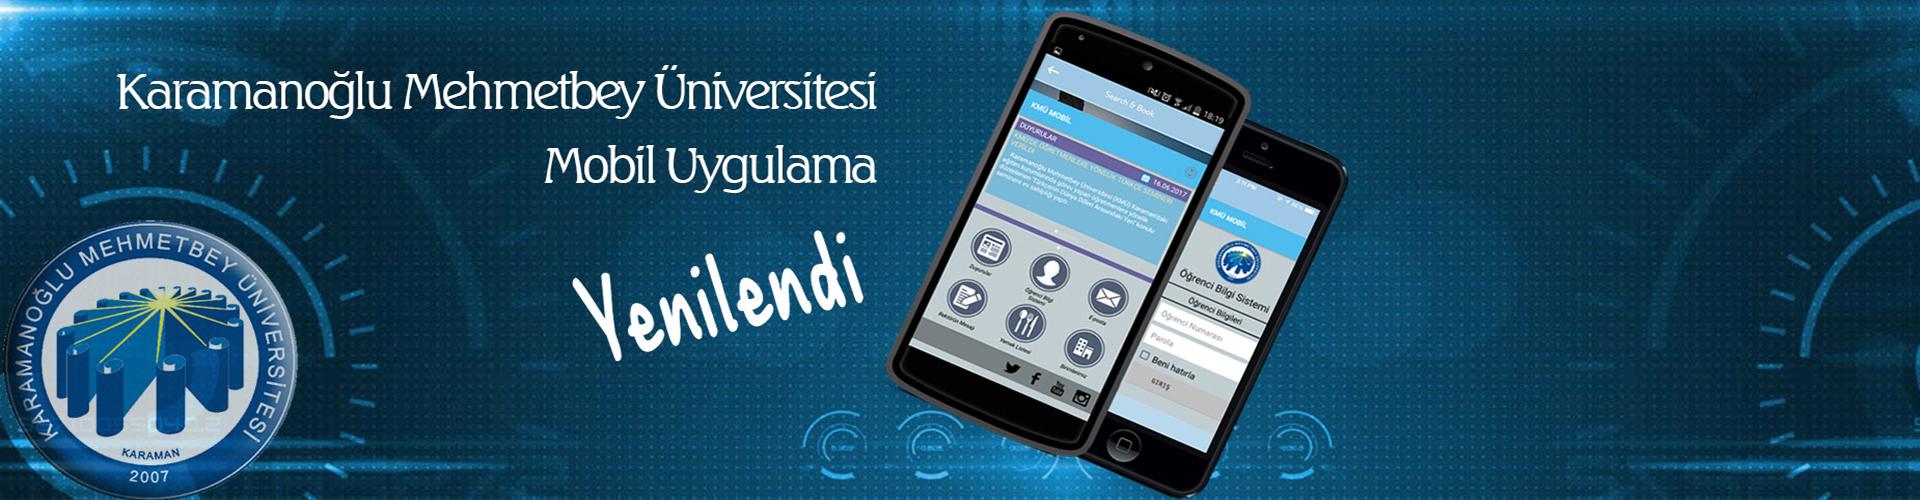 Öğrenci Bilgi Sistemi Mobil Uygulamada